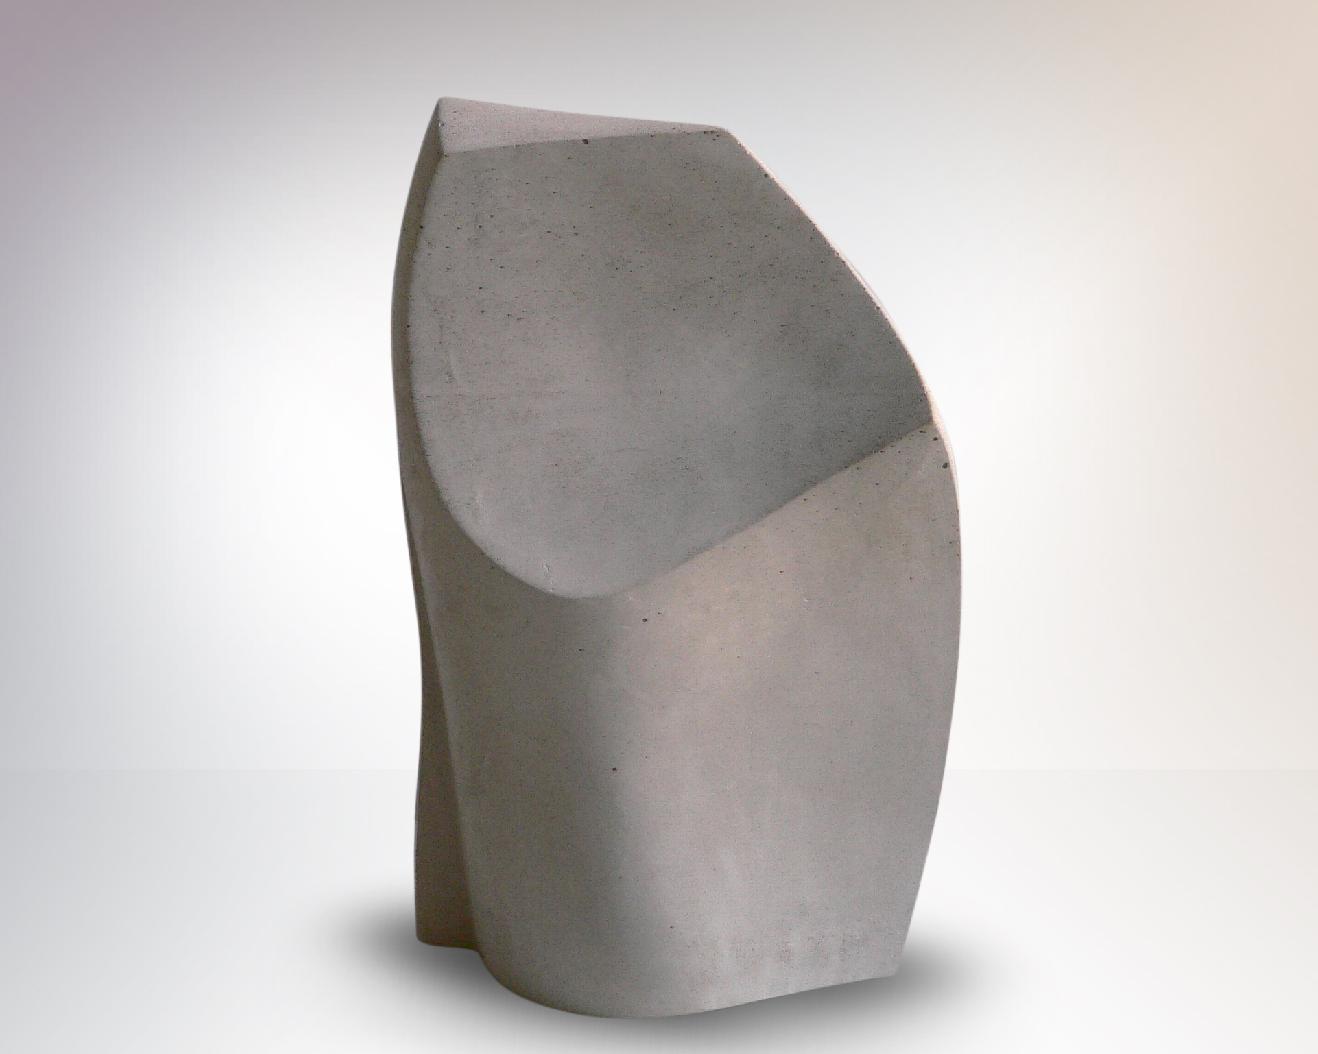 Phönix II, sculpture en steinguss matériau composite associant principalement le ciment, 34 x 13 x 21 cm